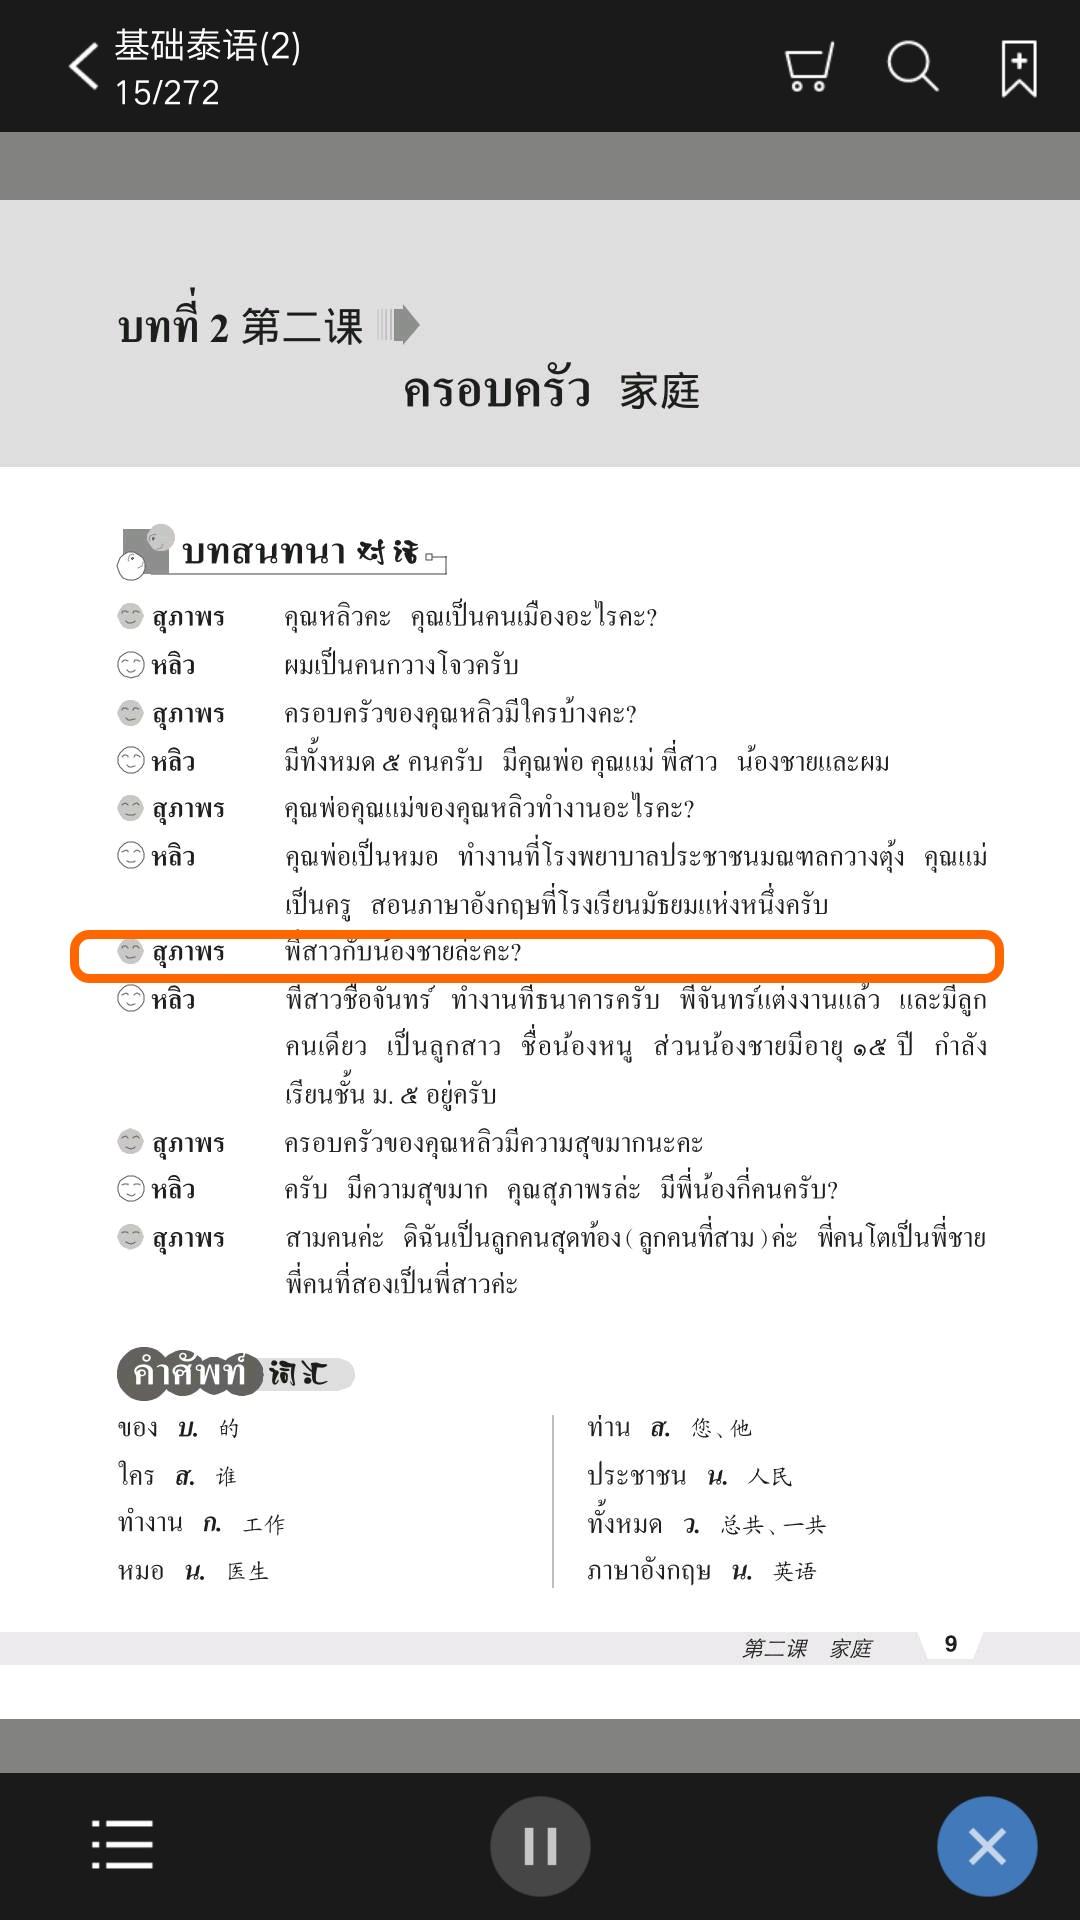 基础泰语2截图(2)